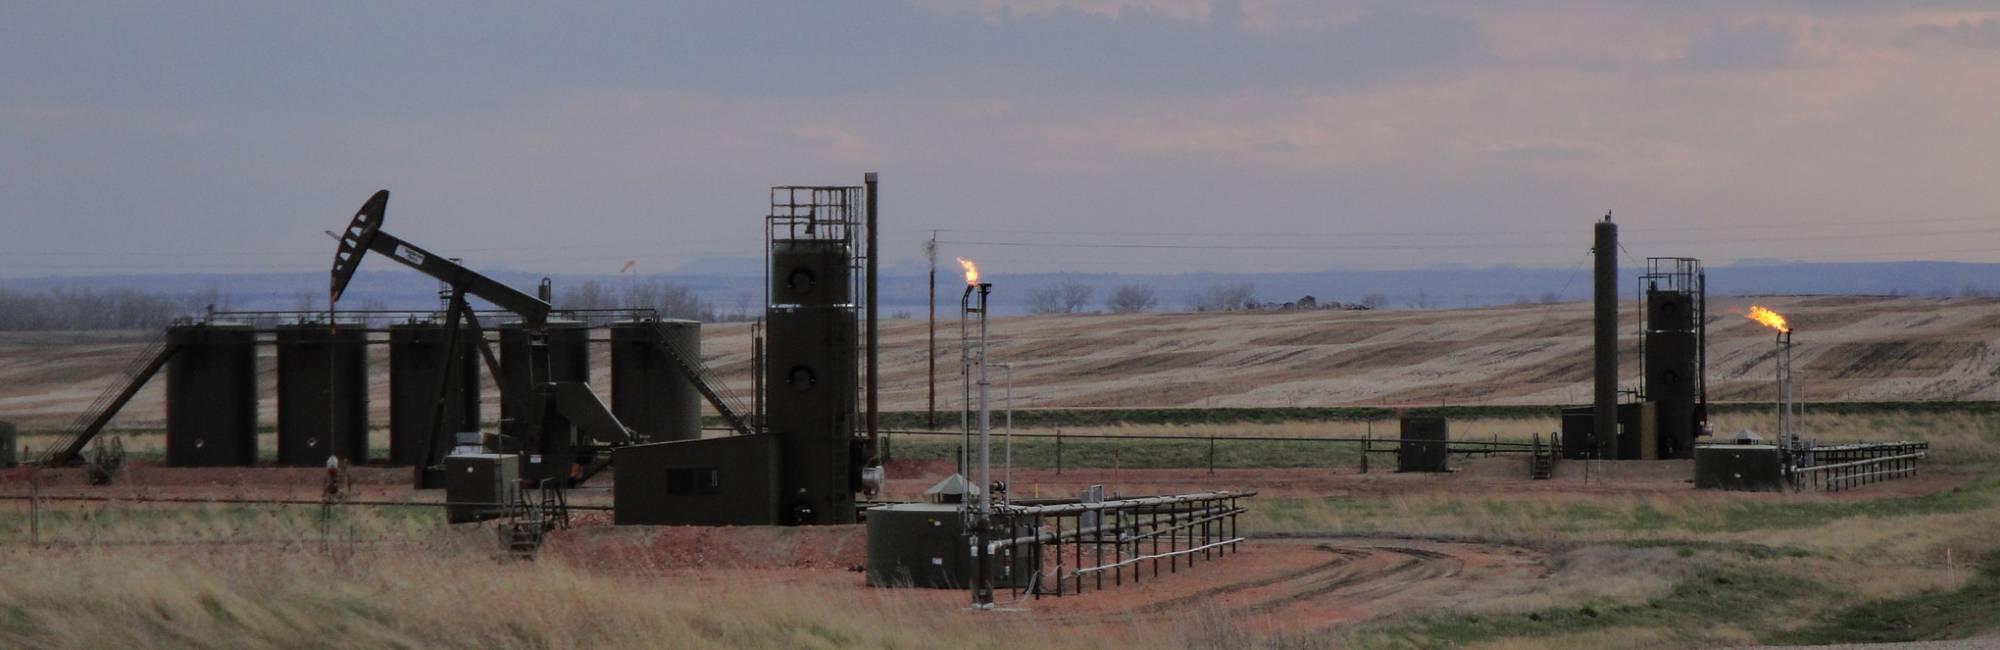 North Dakota S Bakken Oil And Gas Field Leaking 275 000